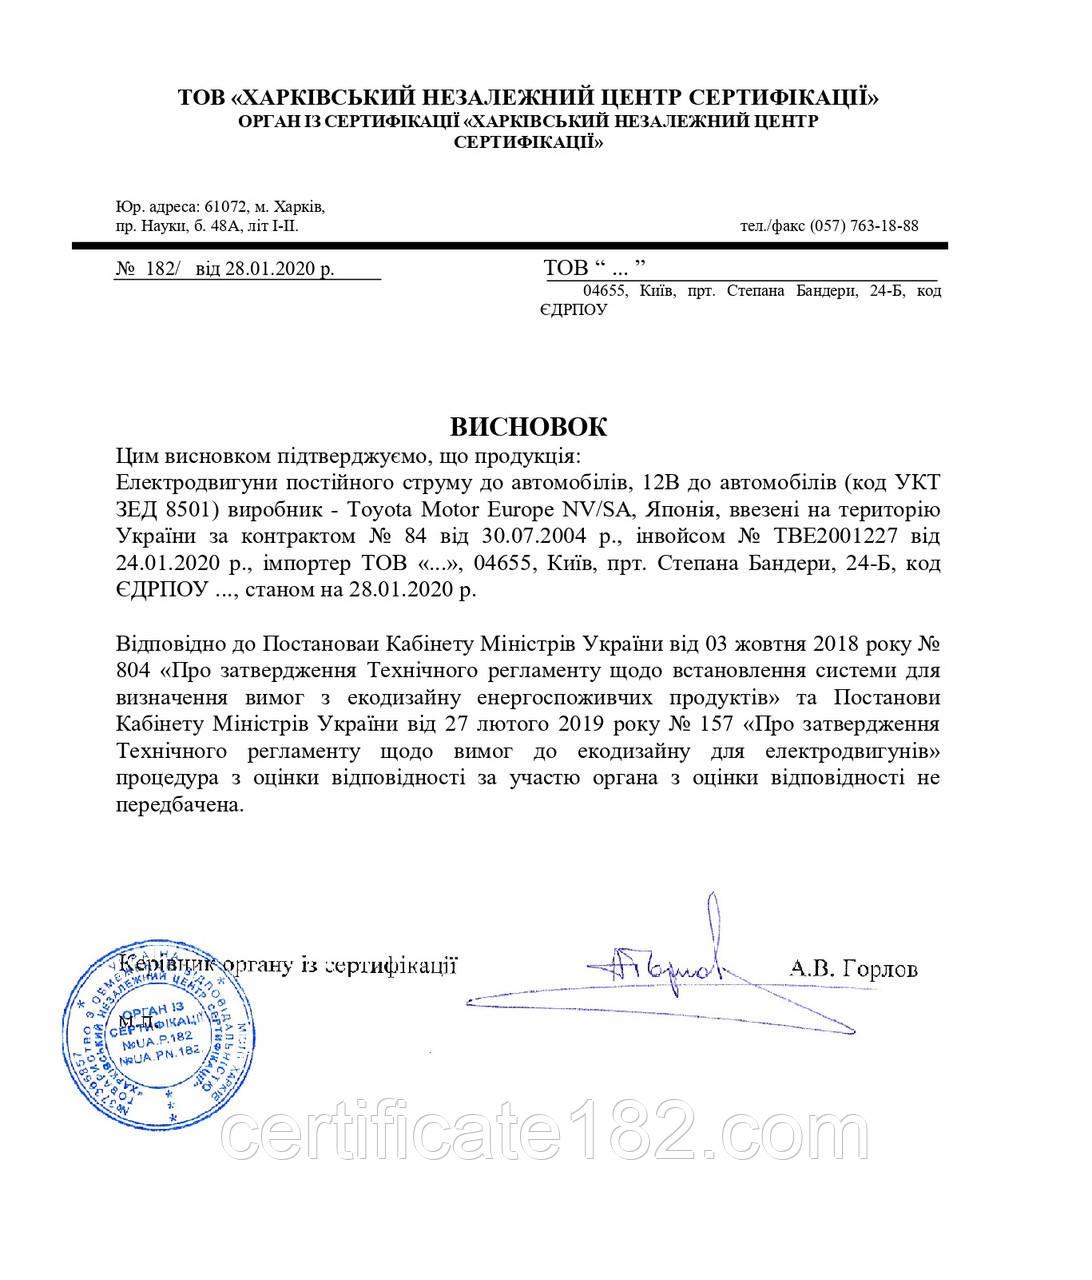 Отписка для таможни (письмо о ПКМУ № 804 и № 157) для импорта электродвигателей